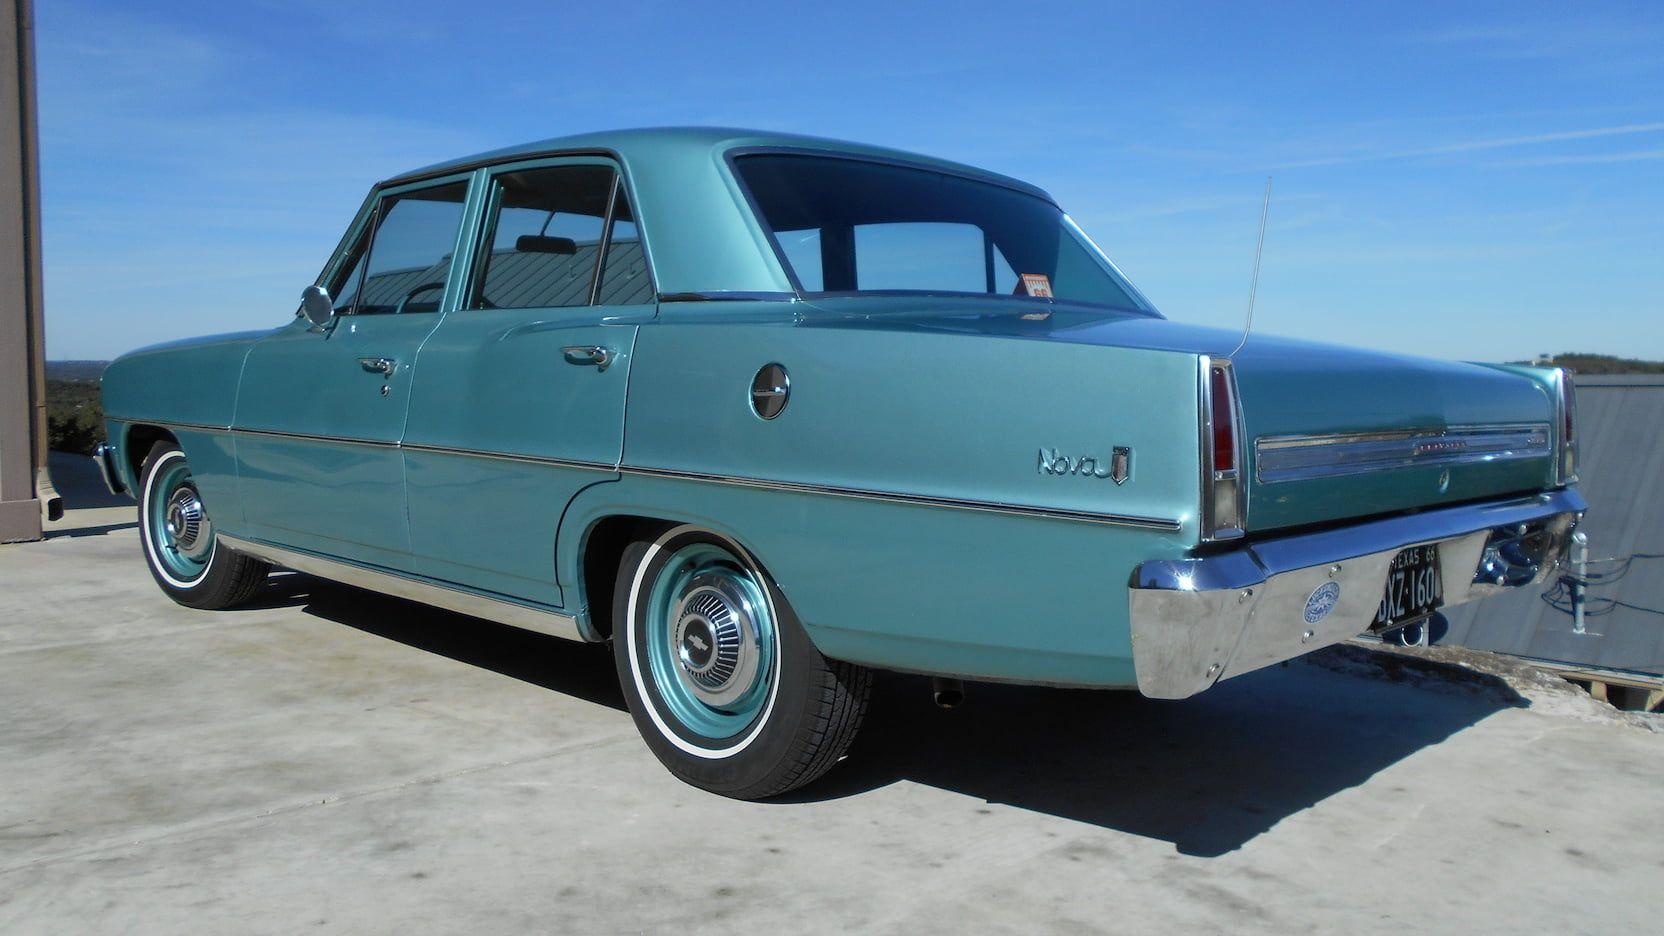 1966 Chevrolet Nova T45 Houston 2019 In 2020 Chevrolet Nova Chevrolet Mopar Muscle Cars